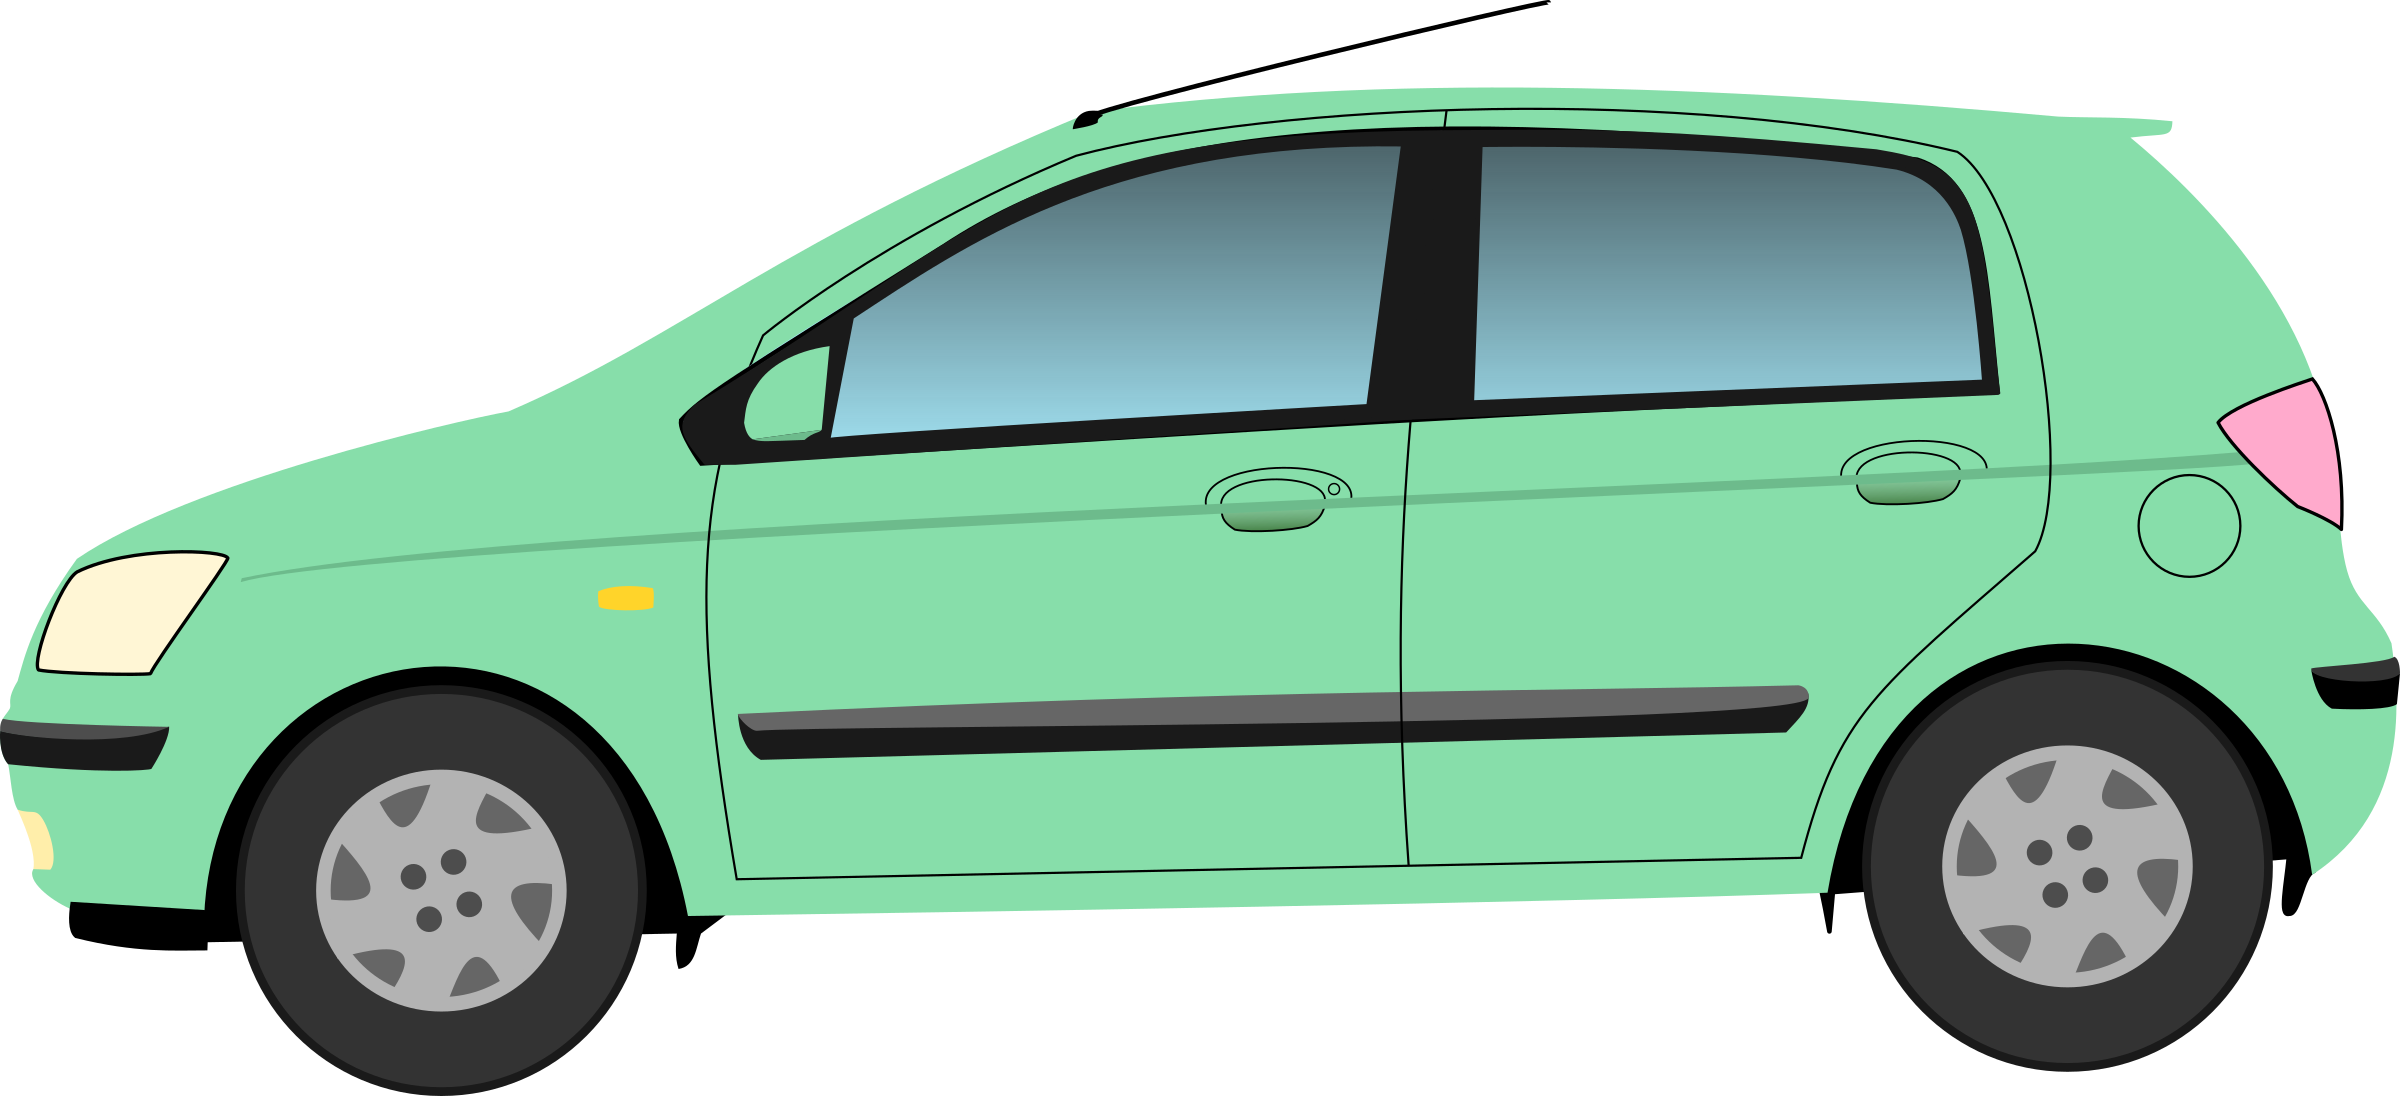 Clipart car green. Hyundai getz